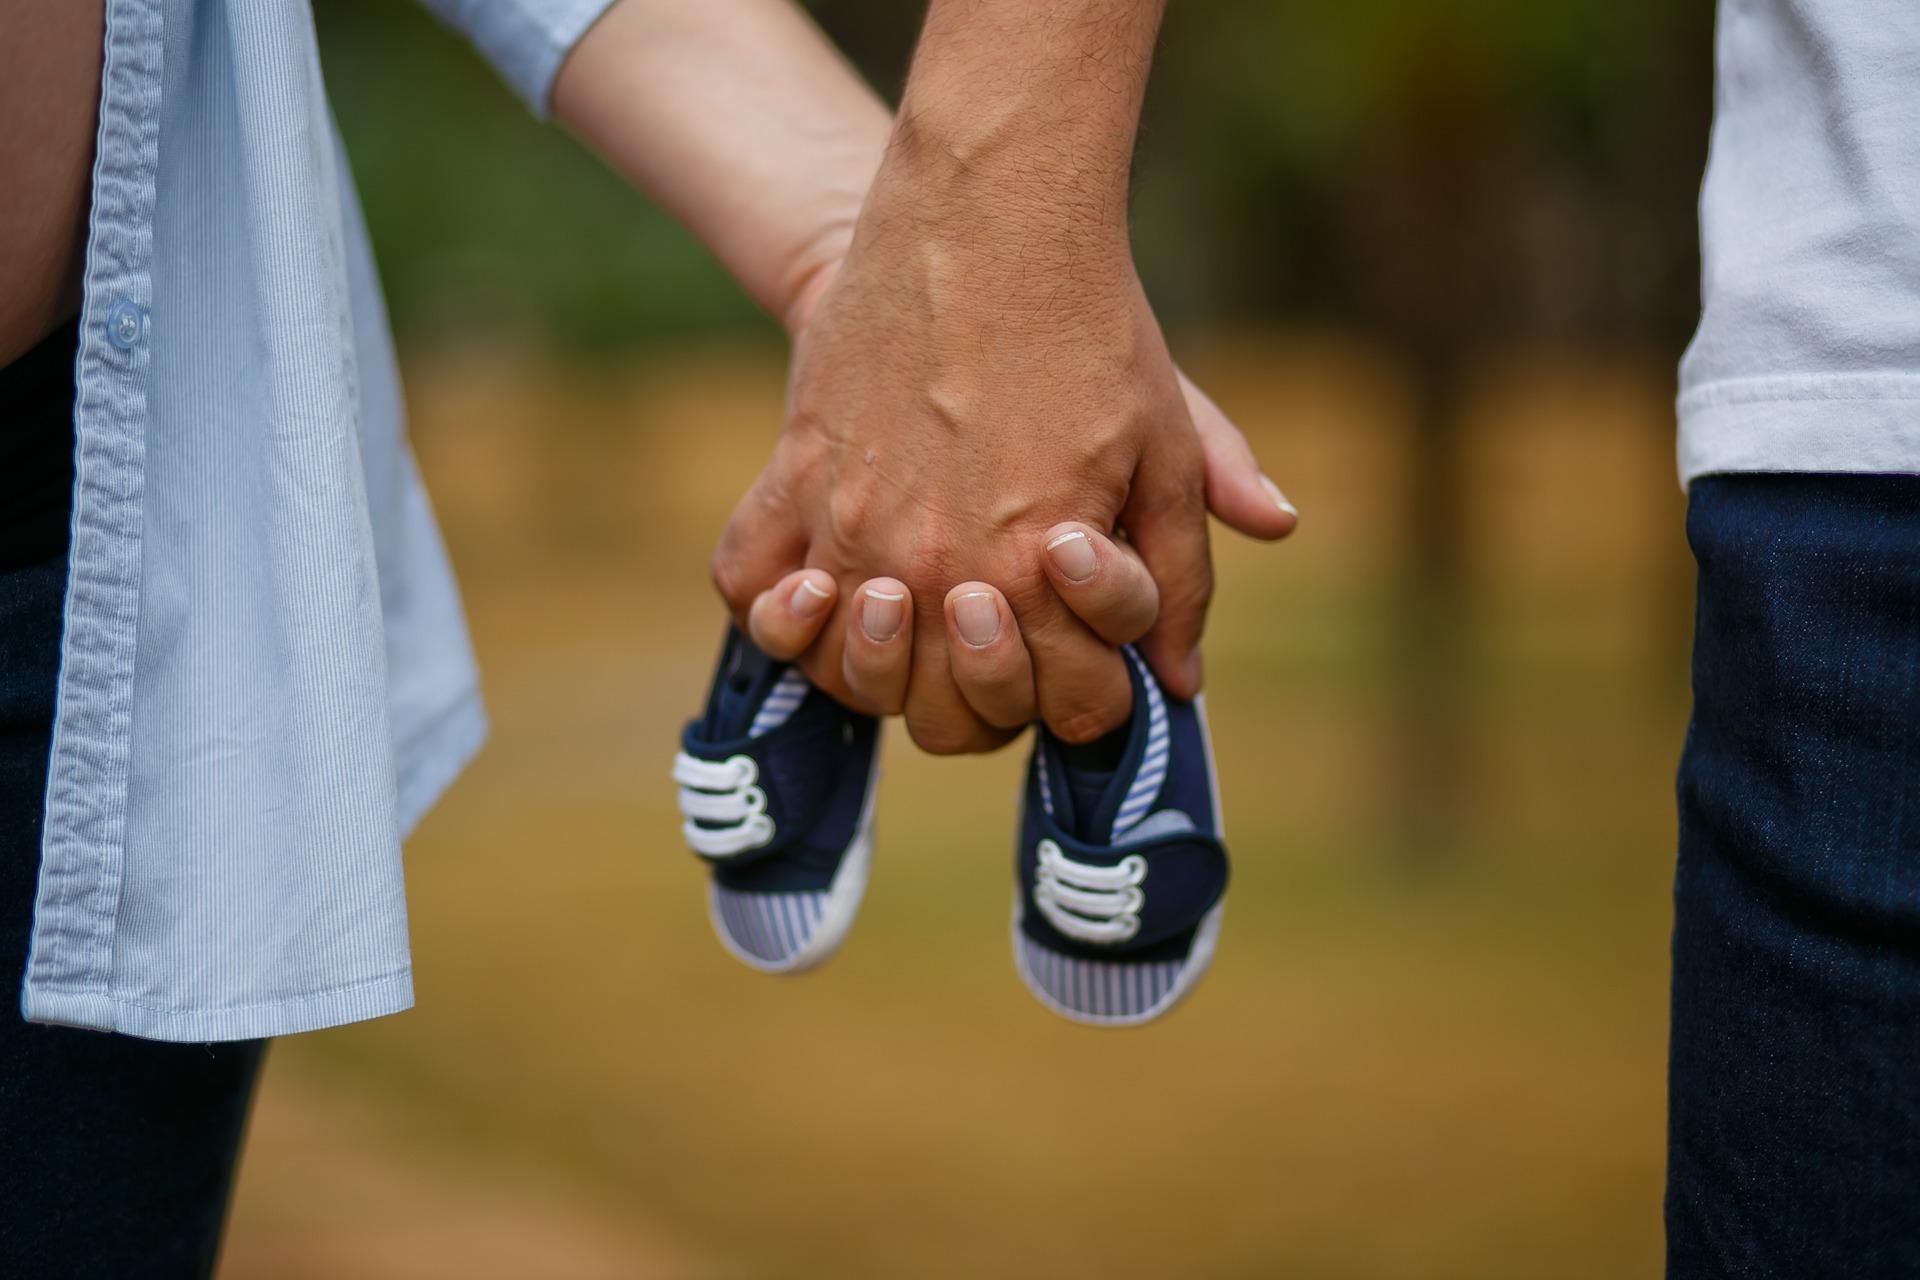 Płeć dziecka w ciąży – od czego zależy, kiedy można rozpoznać, planowanie płci